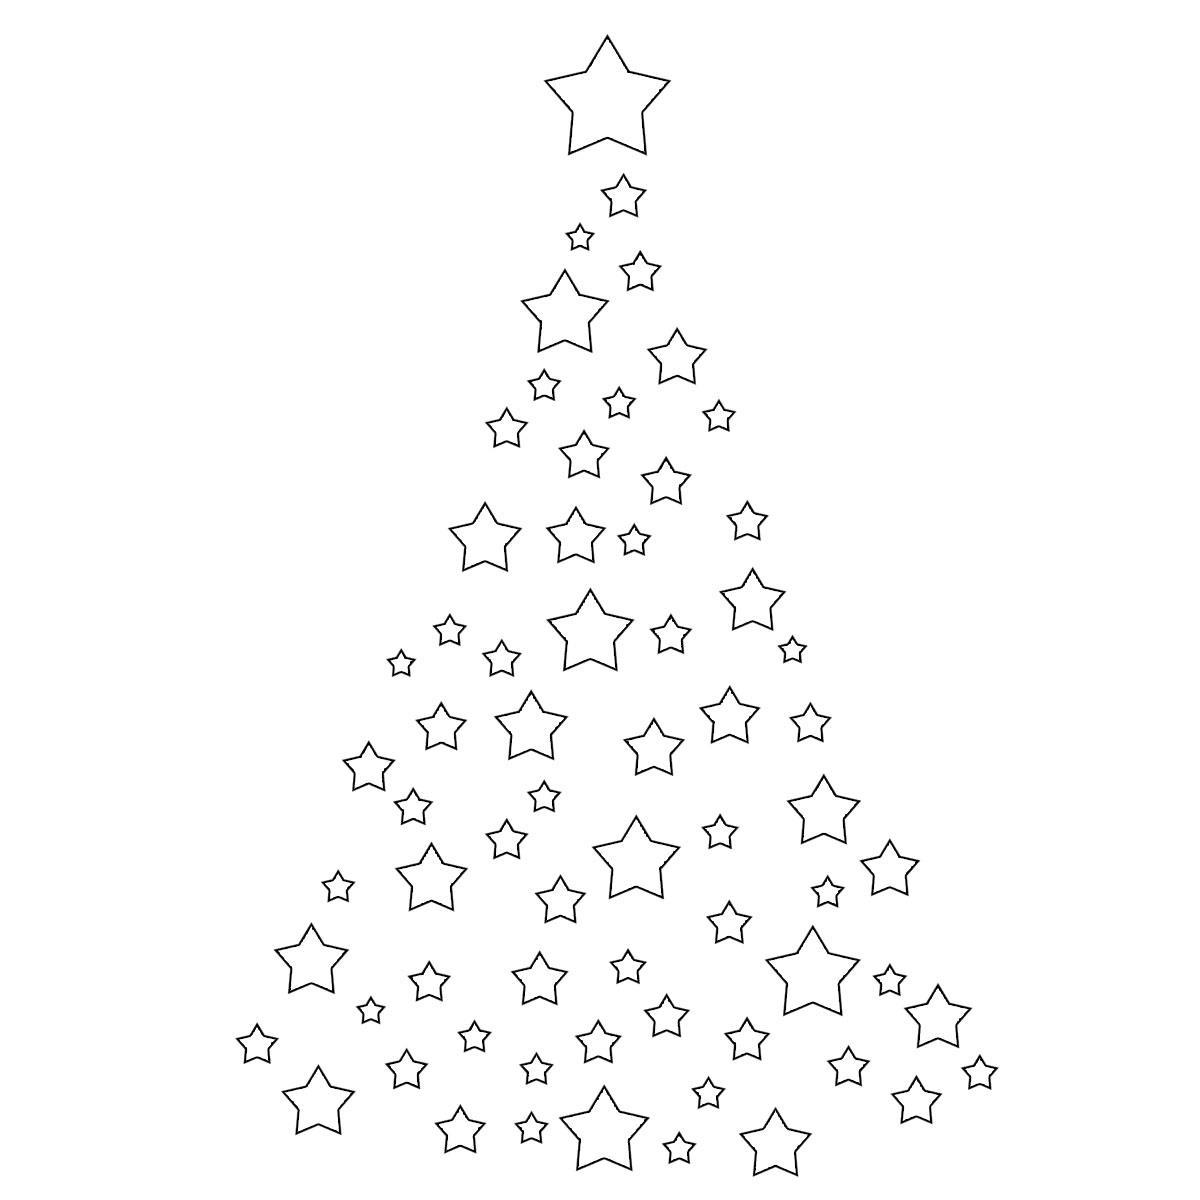 Immagini Stilizzate Natale.Natale Immagini Stilizzate Disegni Di Natale 2019